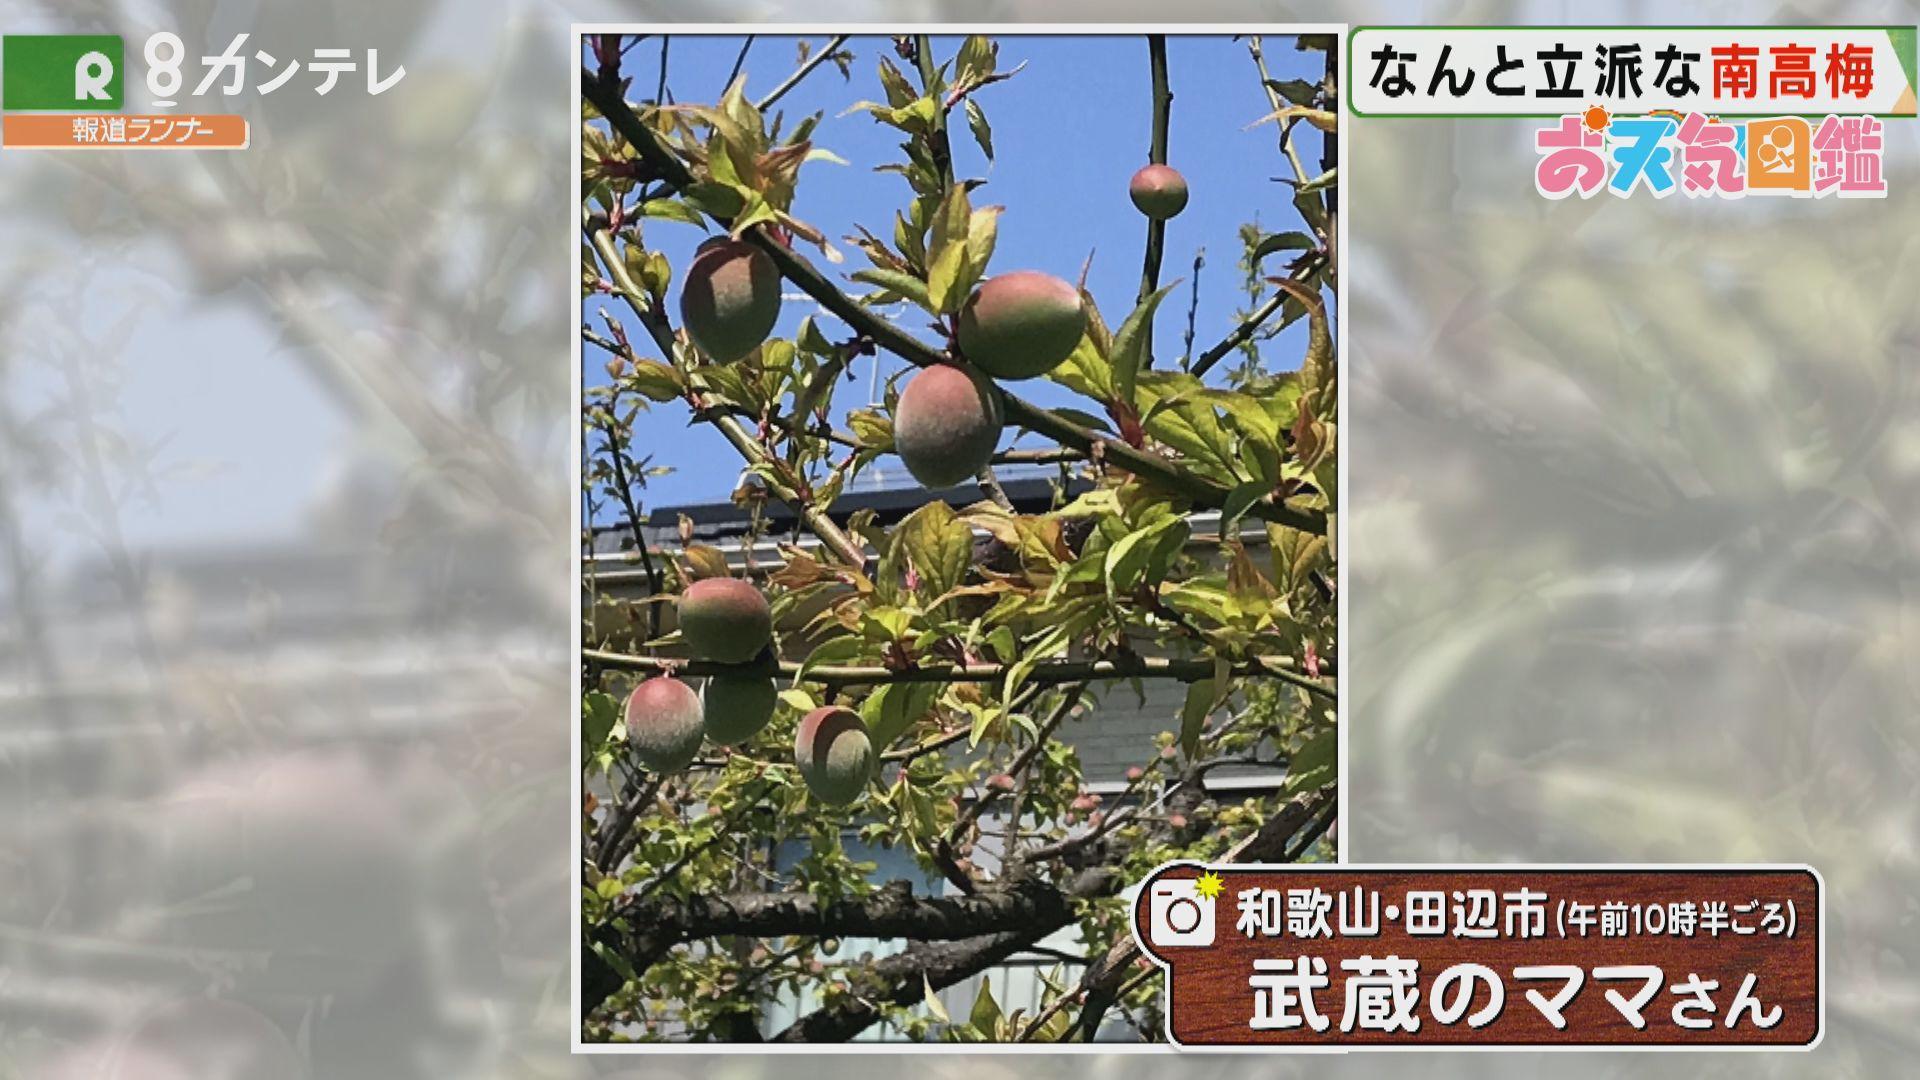 「なんと立派な梅の実」(和歌山・田辺市)